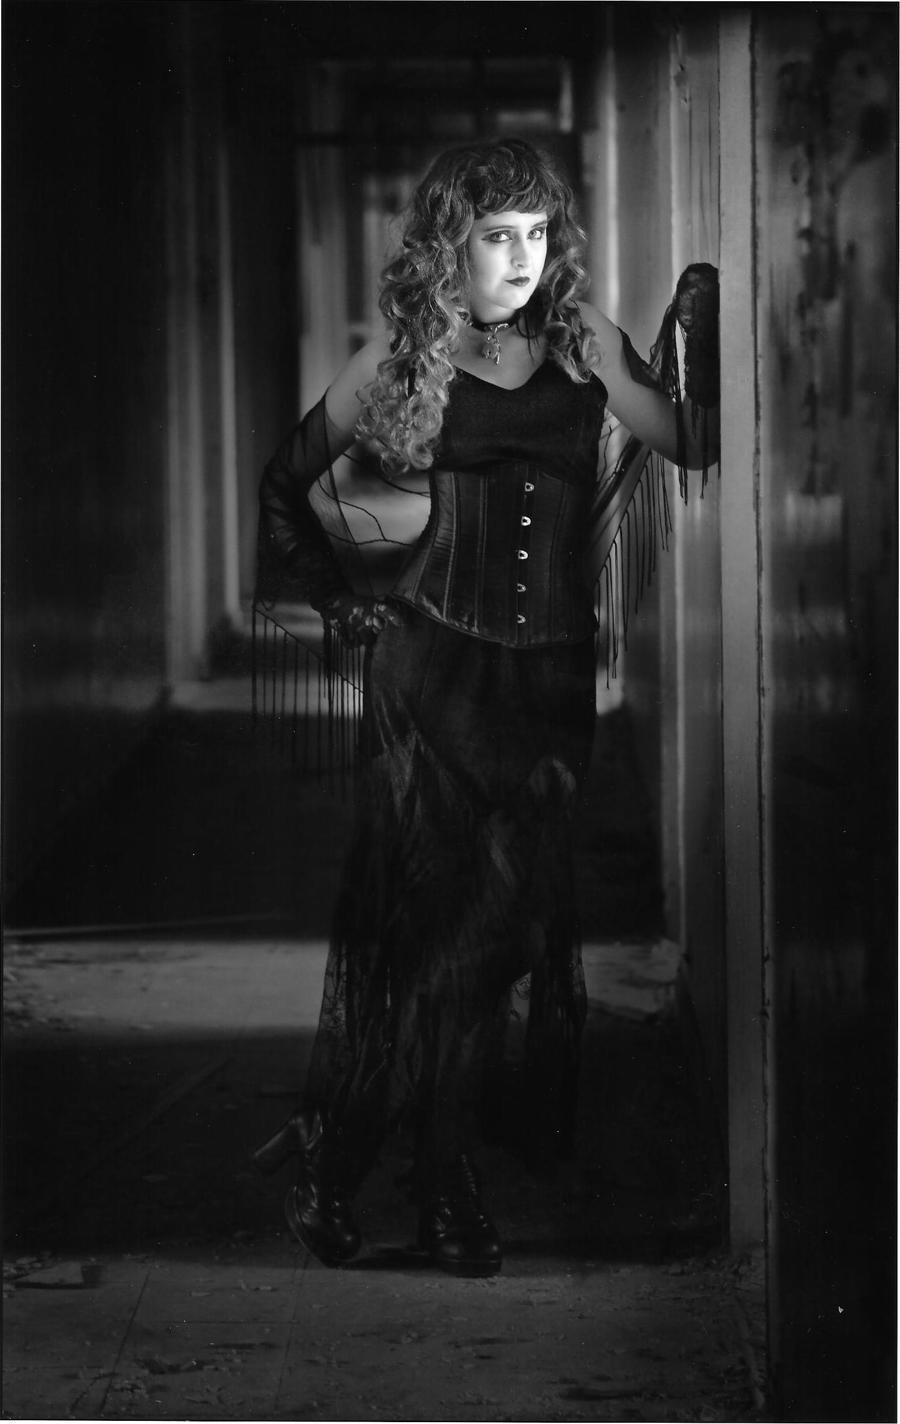 Dark glamour / Model Maretta Vergette, Makeup by Maretta Vergette / Uploaded 15th September 2016 @ 10:14 PM